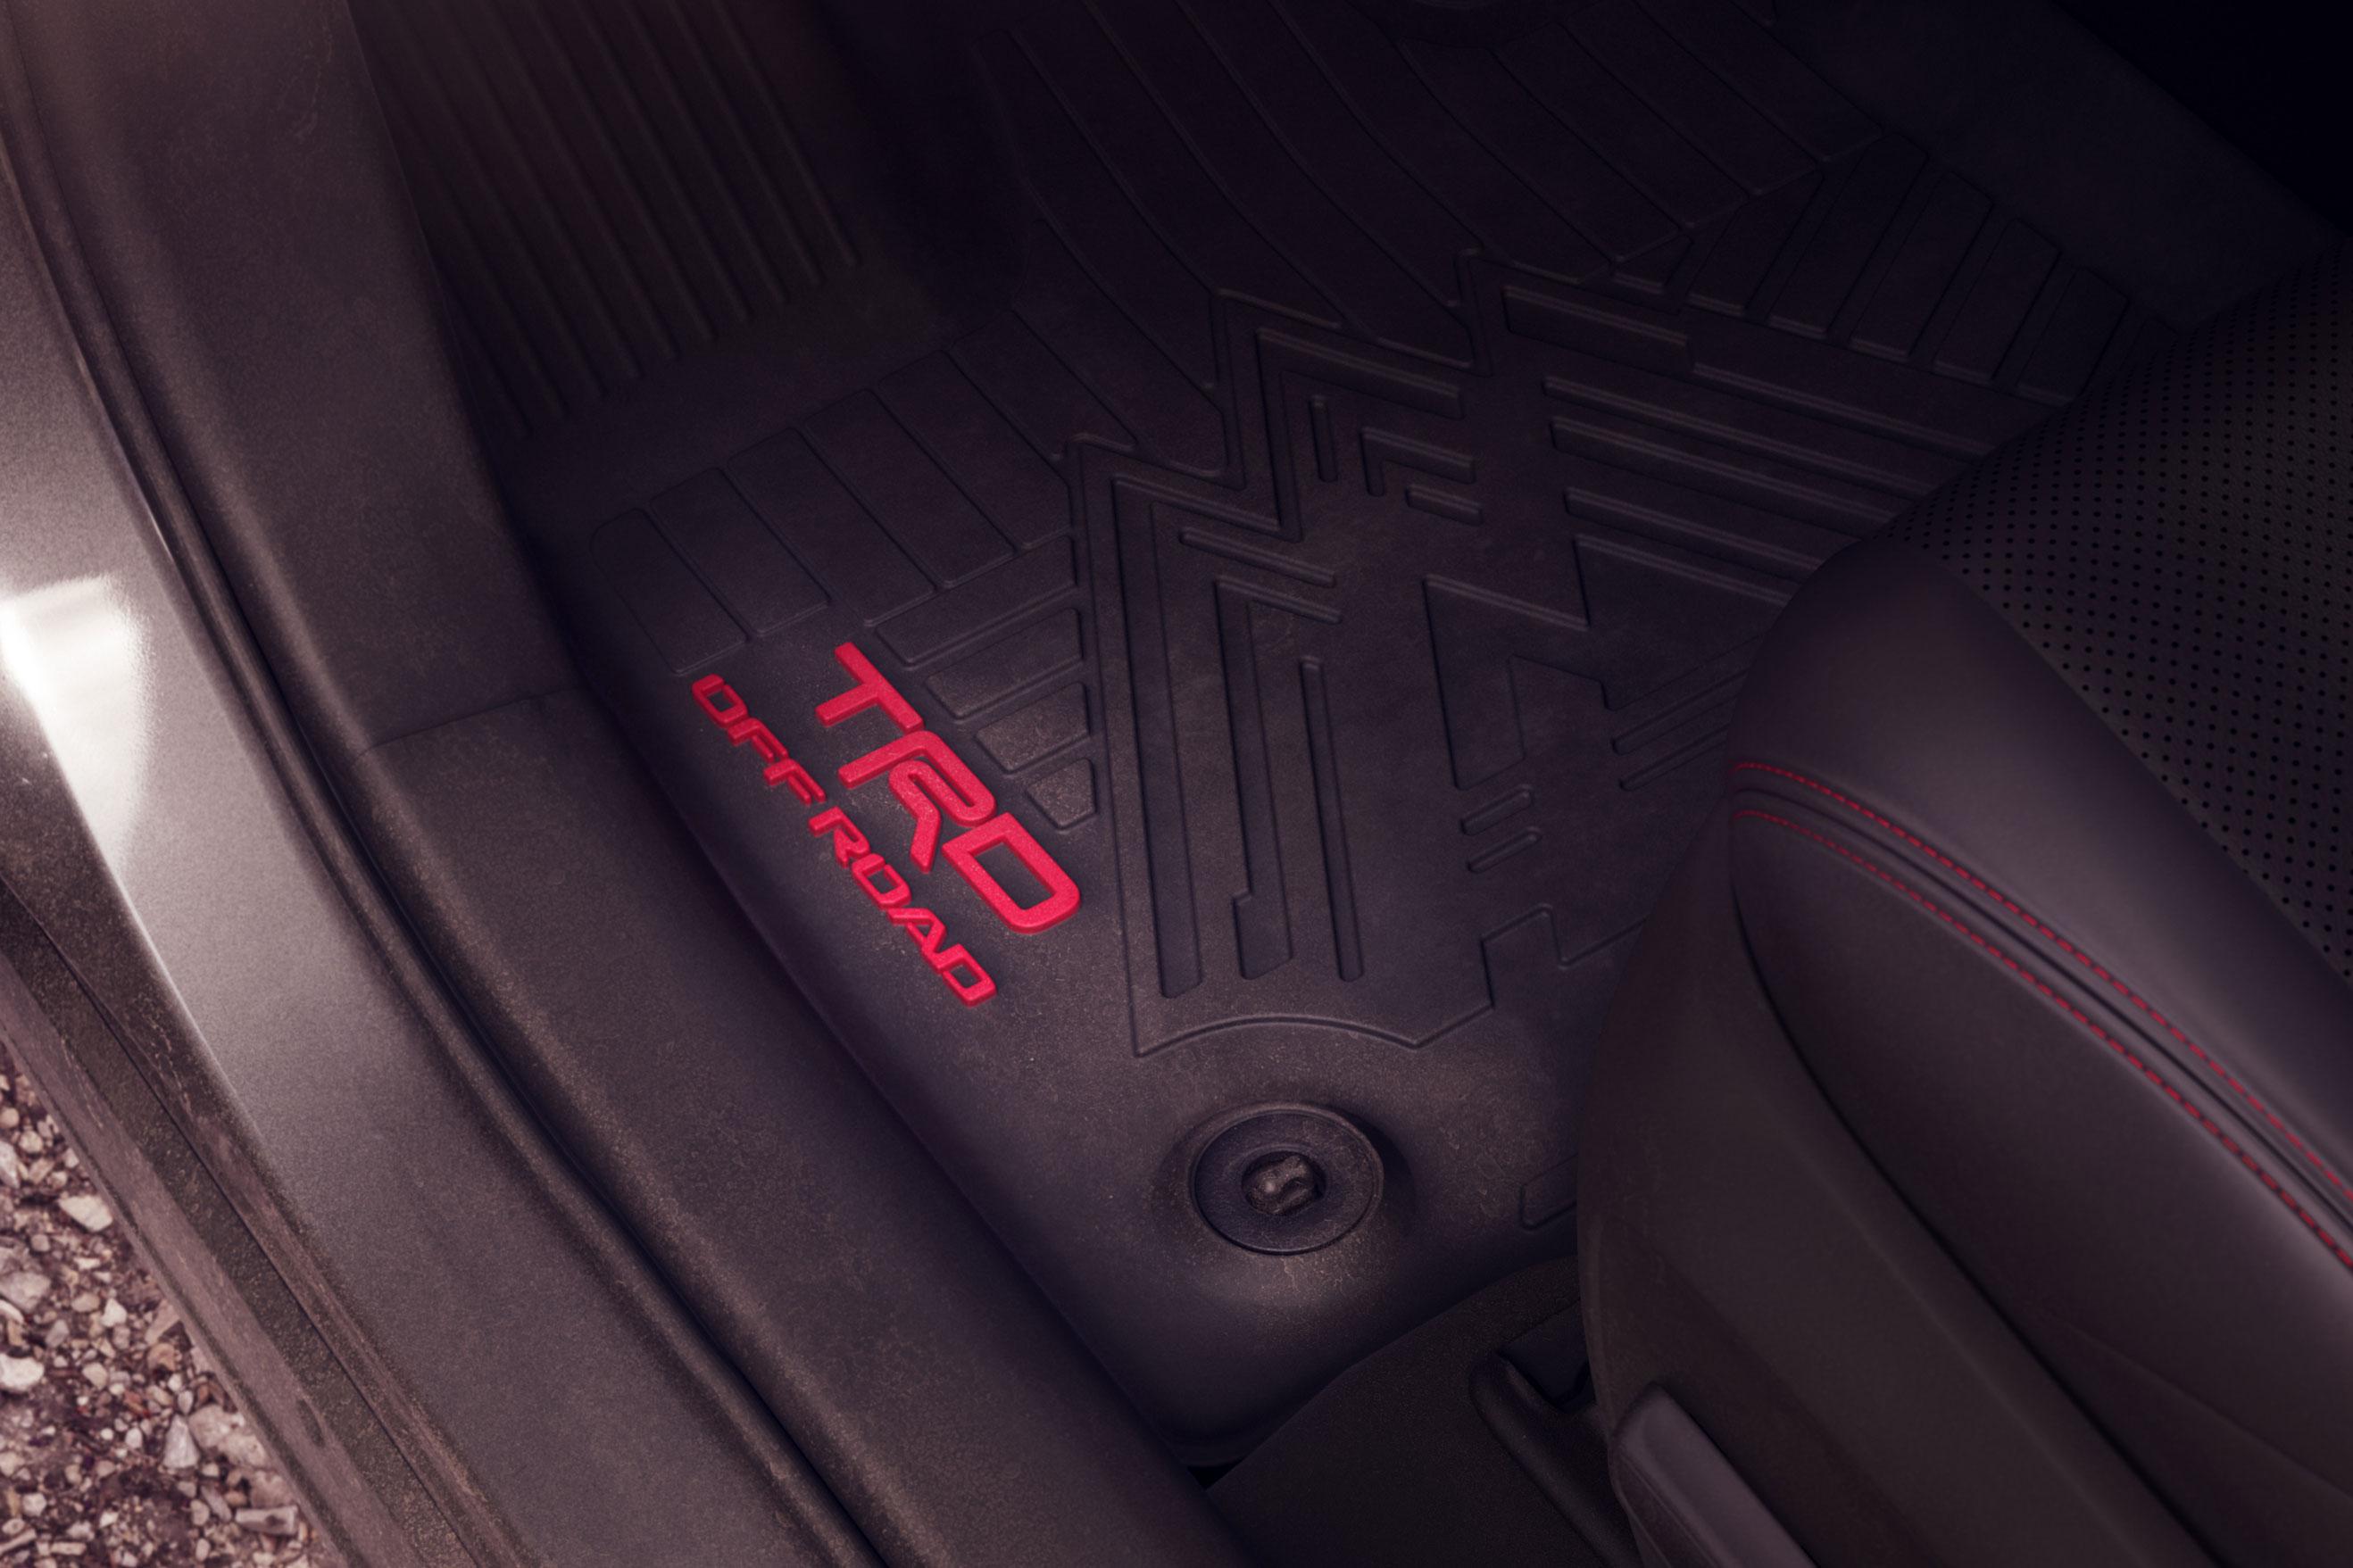 2020 Toyota RAV4 TRD Off-Road floor mats